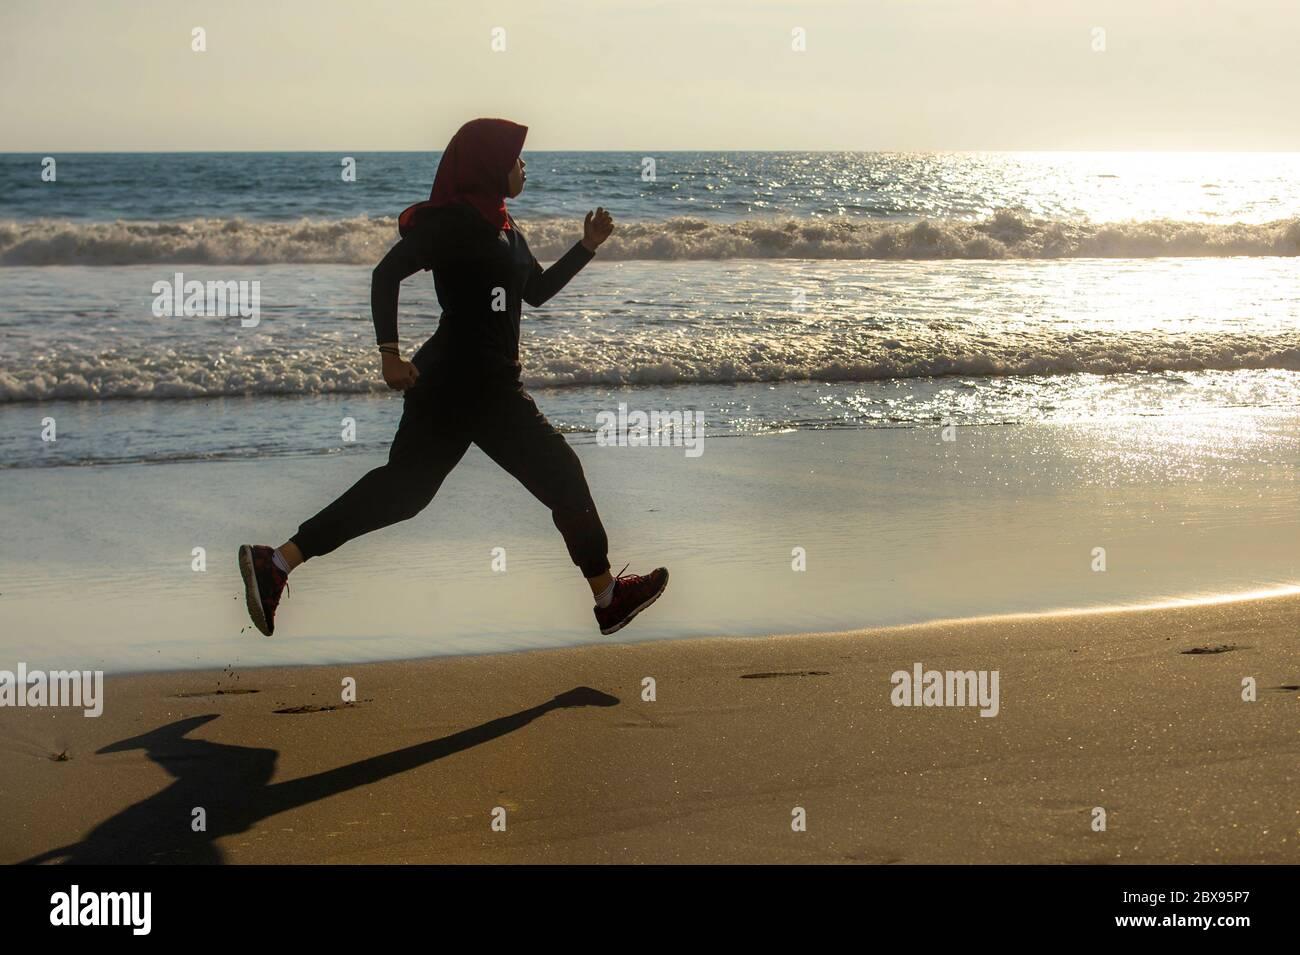 Junge gesunde und aktive Läufer muslimische Frau im Islam hijab Kopftuch Laufen und Joggen am Strand tragen traditionelle arabische Sportkleidung in fitn Stockfoto